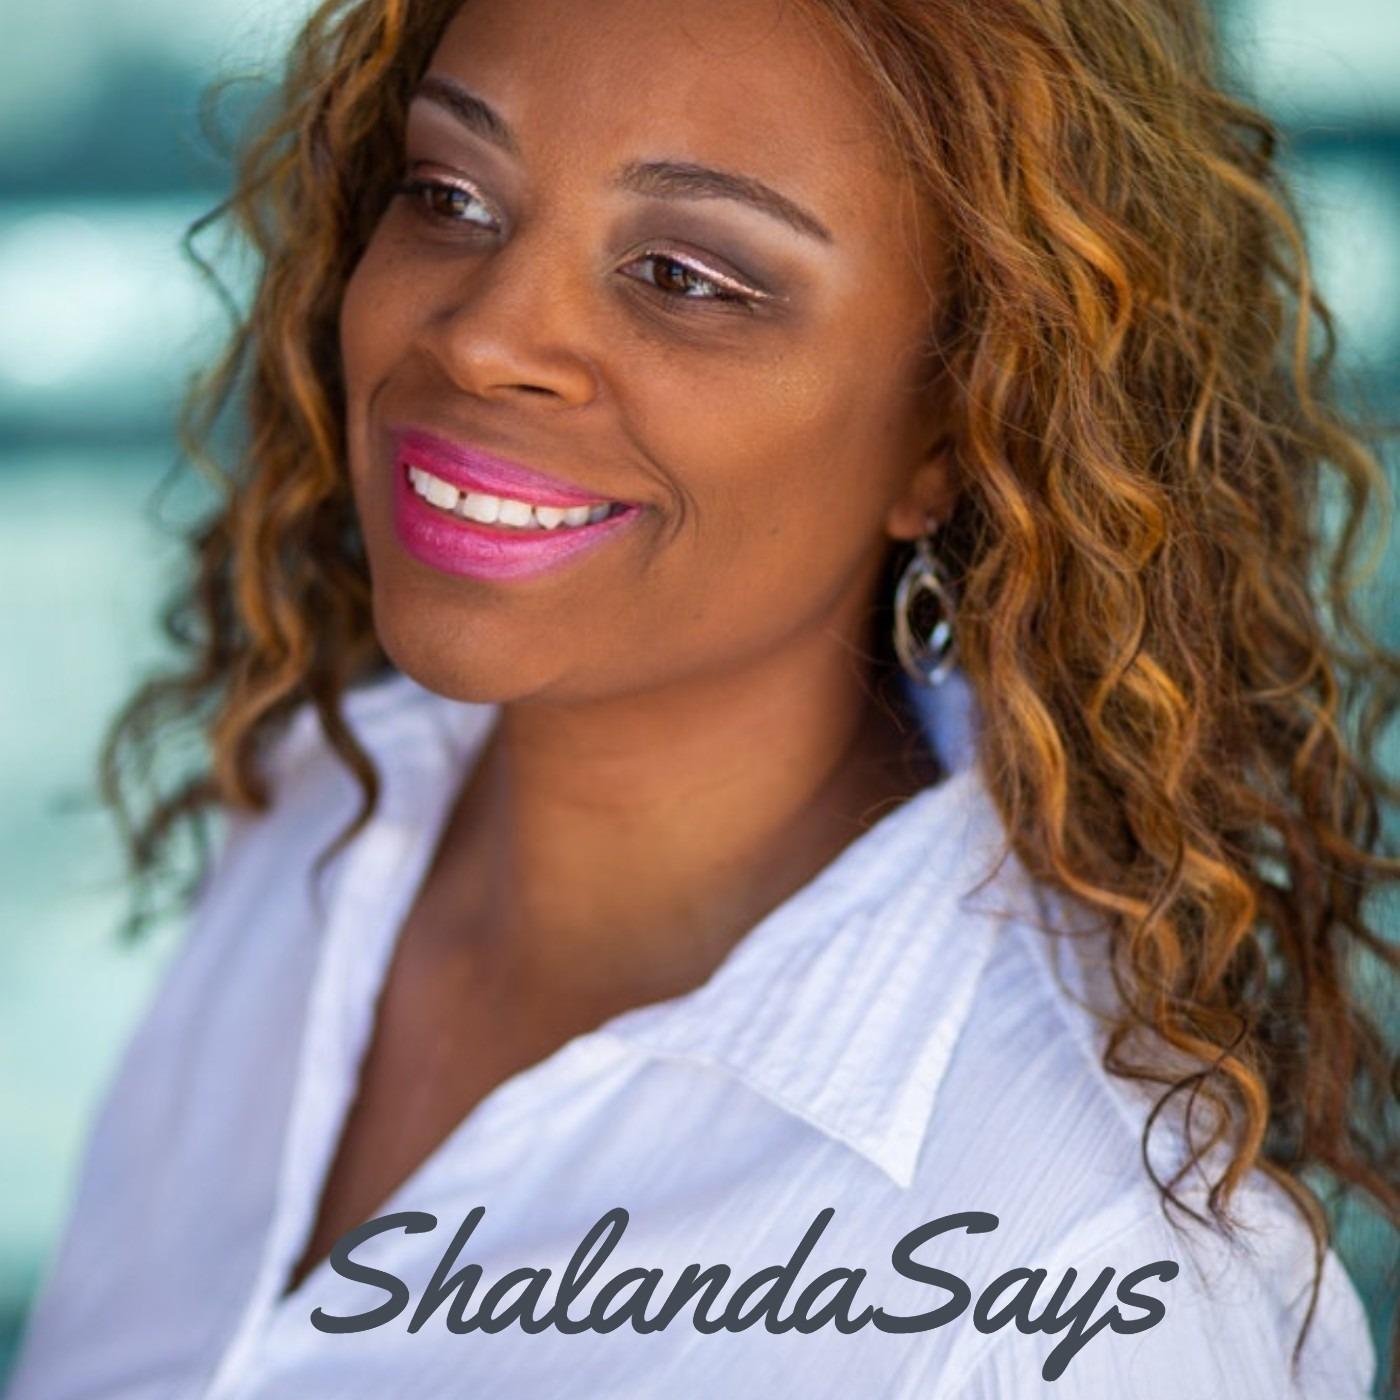 ShalandaSays Meet Coach Andrea Hall